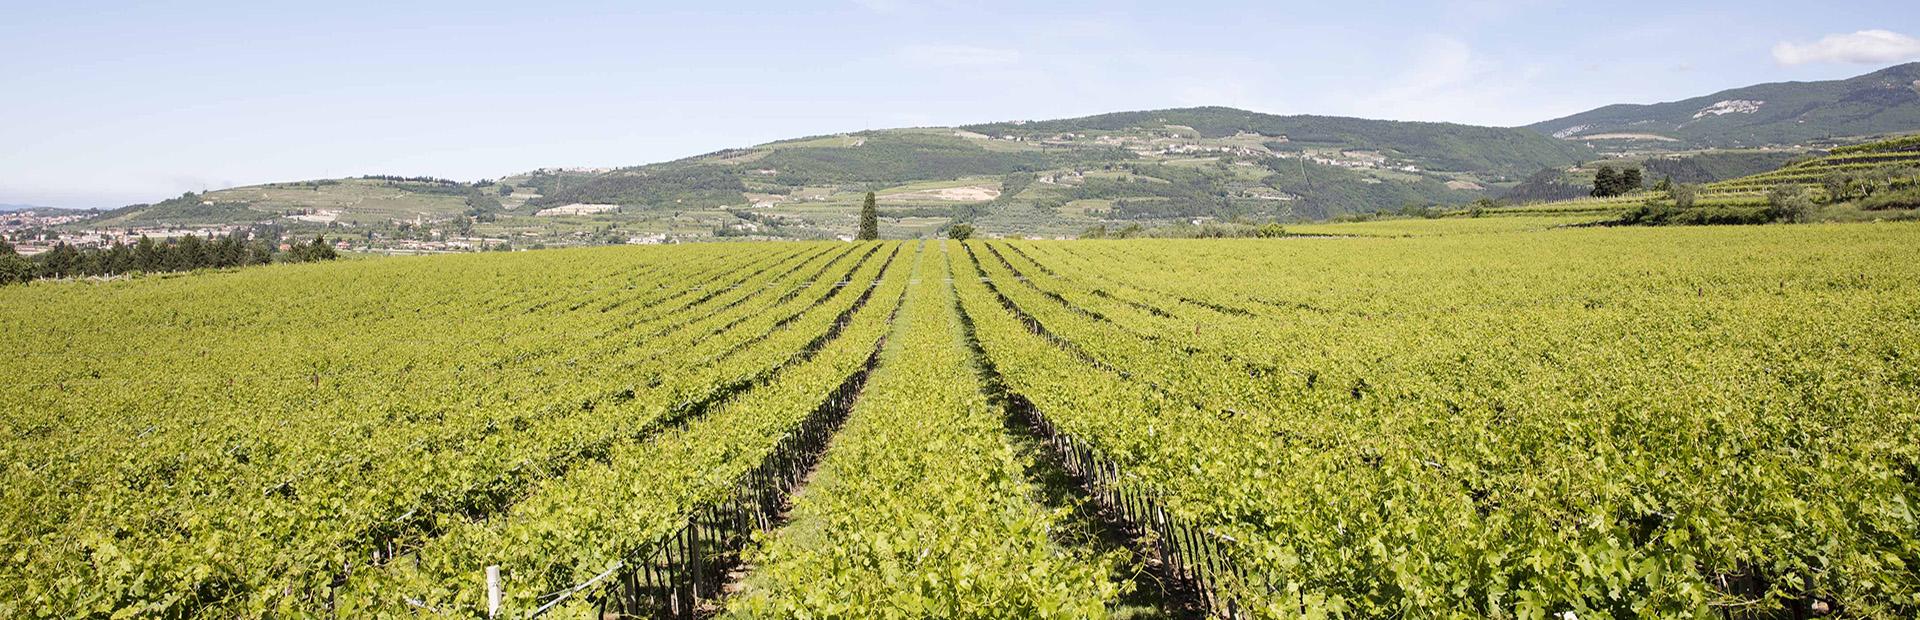 vigne antichello